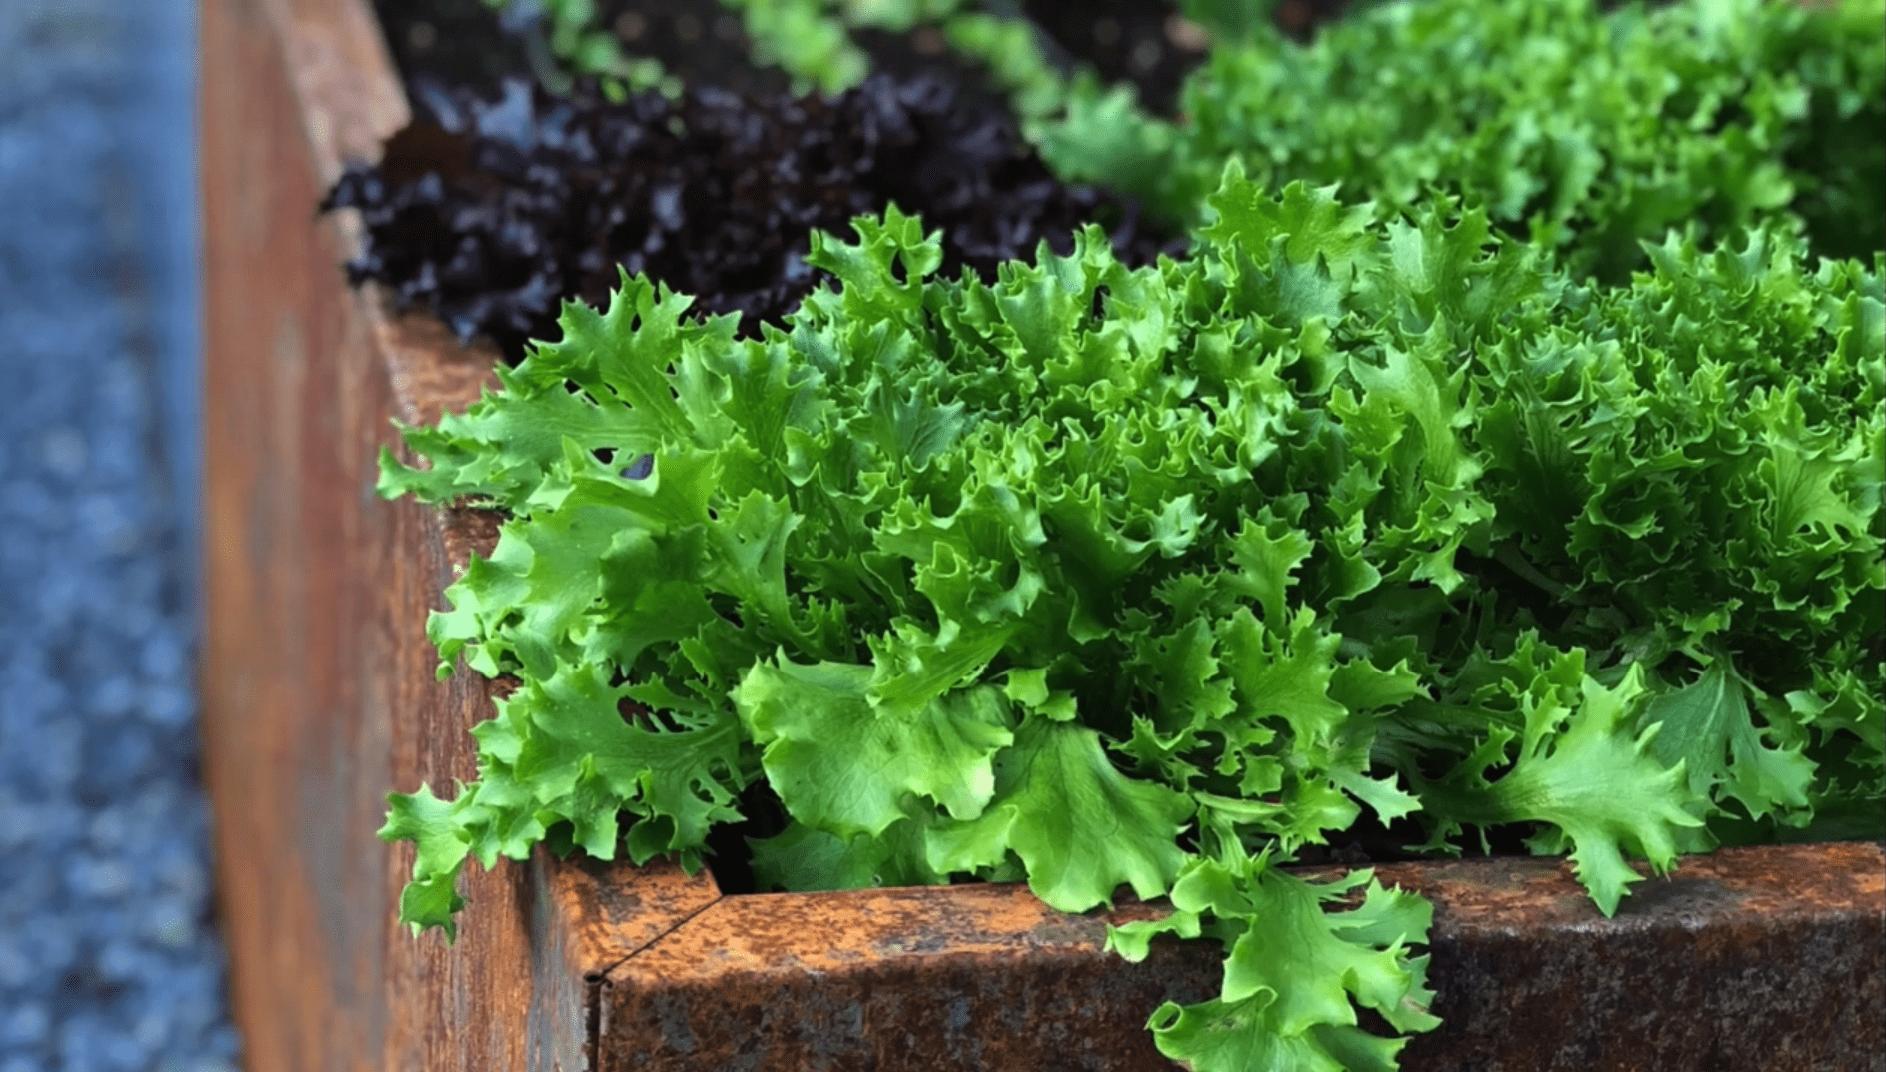 Frisk-grønn-salat-med-rød-salat-i-bakgrunn-i-bedd-plantekasser-i-rust Hagemøbler og utemøbler - Fine design